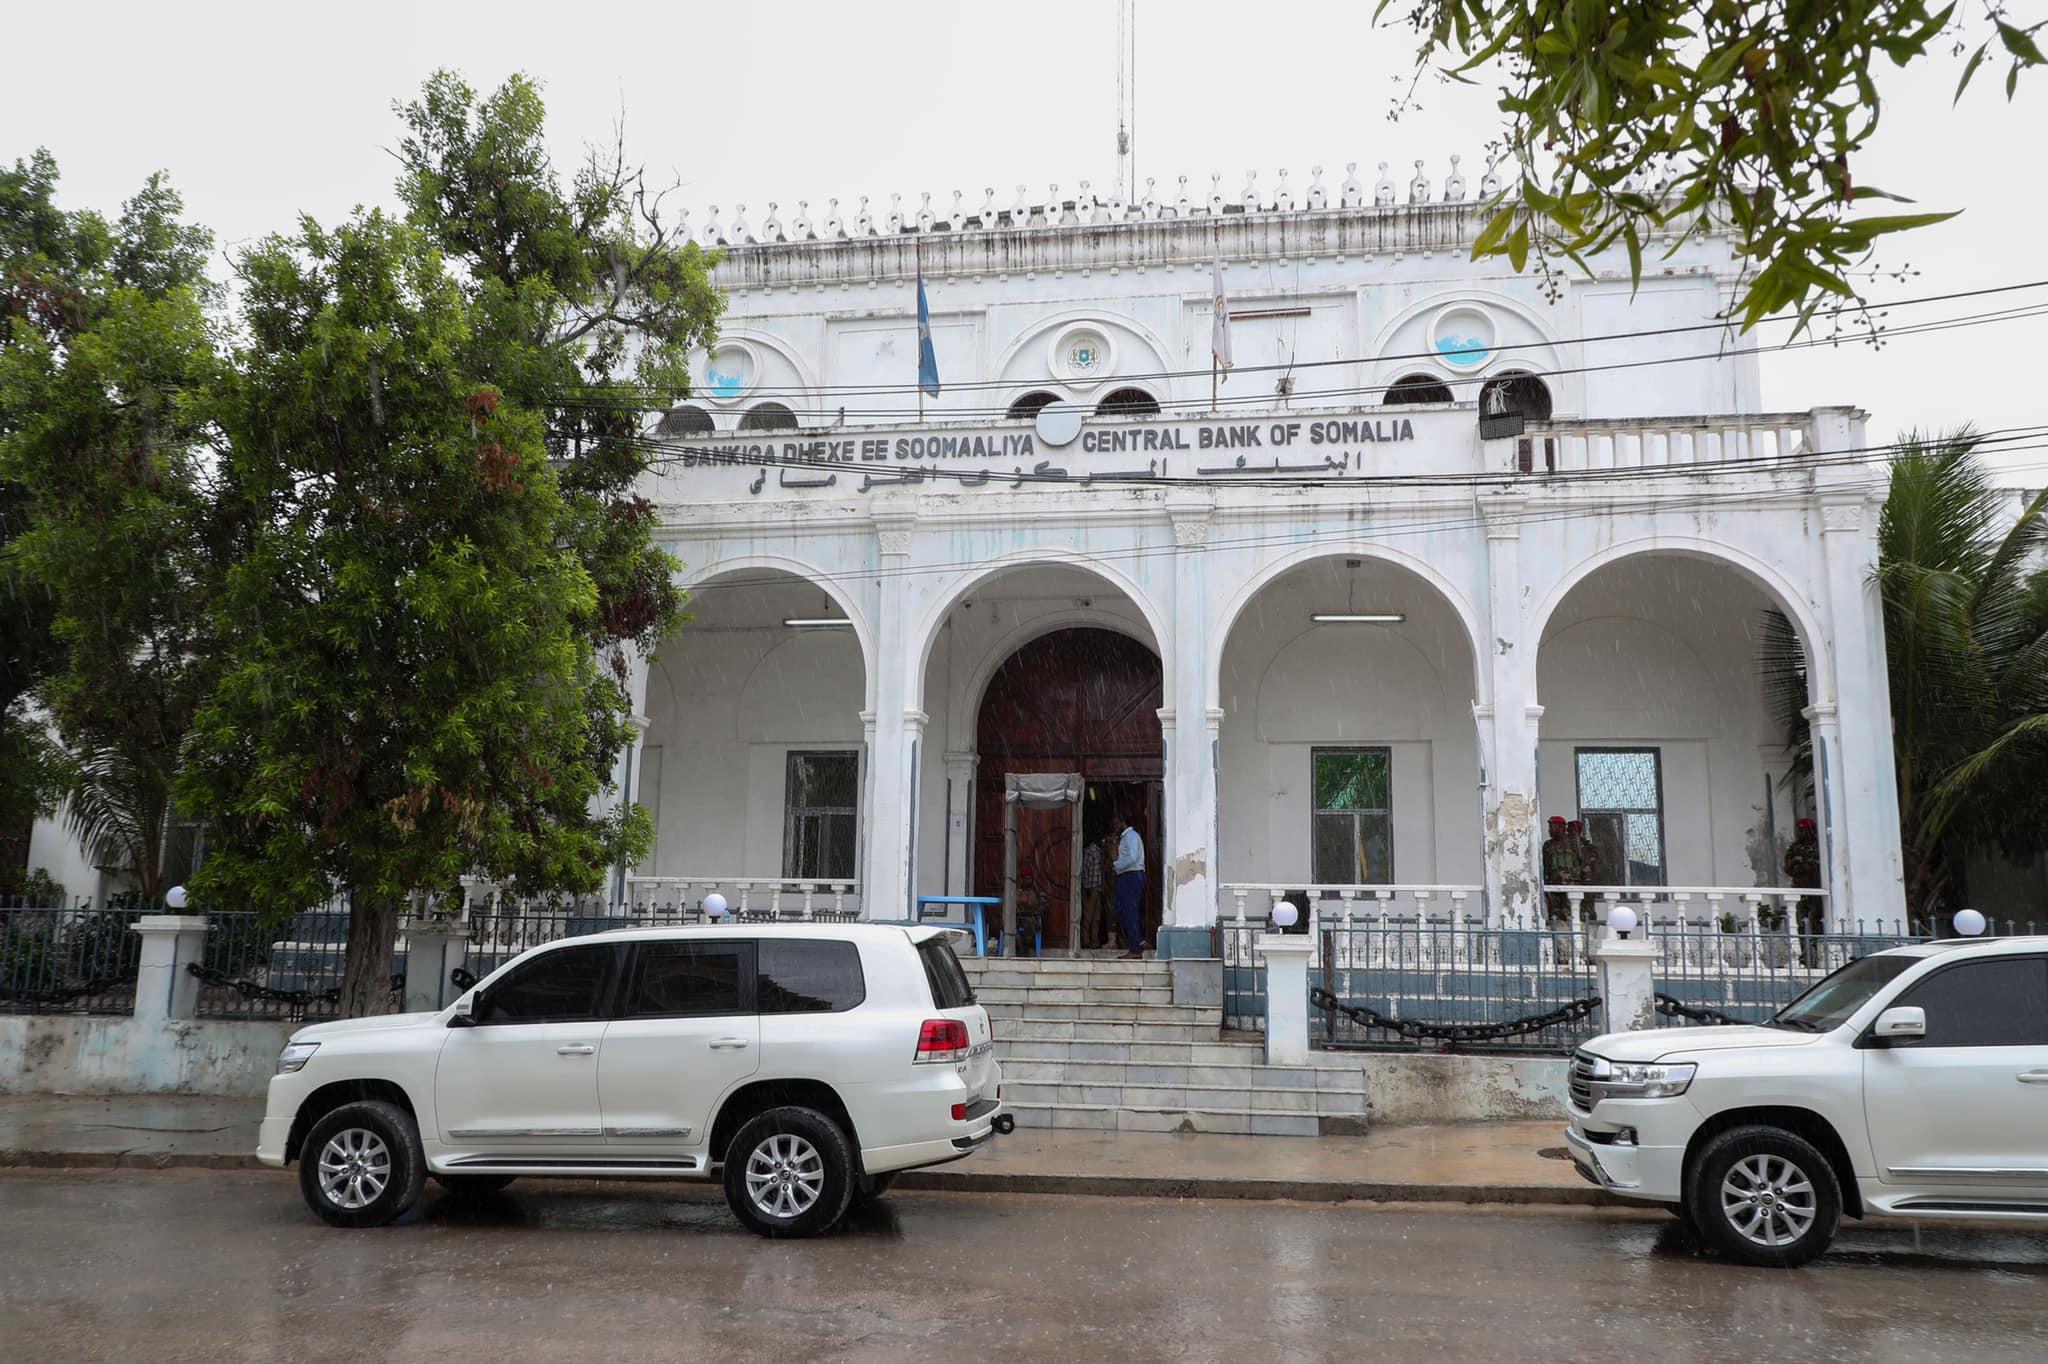 Xog: DF Somalia oo bixin la' lacagtii ay maalmo ka hor ballan-qaaday + Sababta